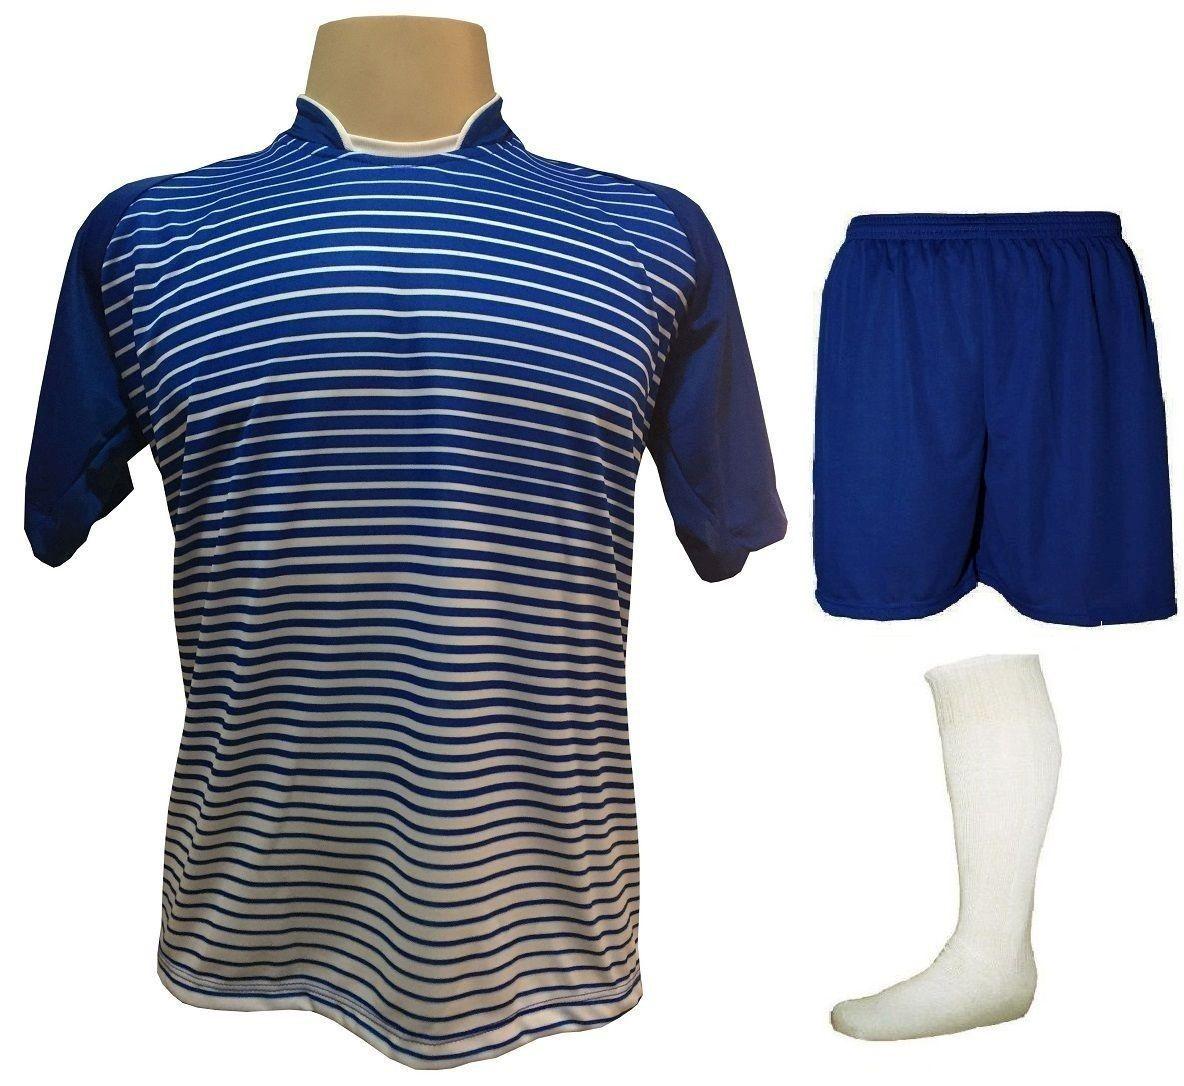 Uniforme Esportivo com 18 camisas modelo City Royal/Branco + 18 calções modelo Madrid Royal + 18 pares de meiões Branco   - ESTAÇÃO DO ESPORTE